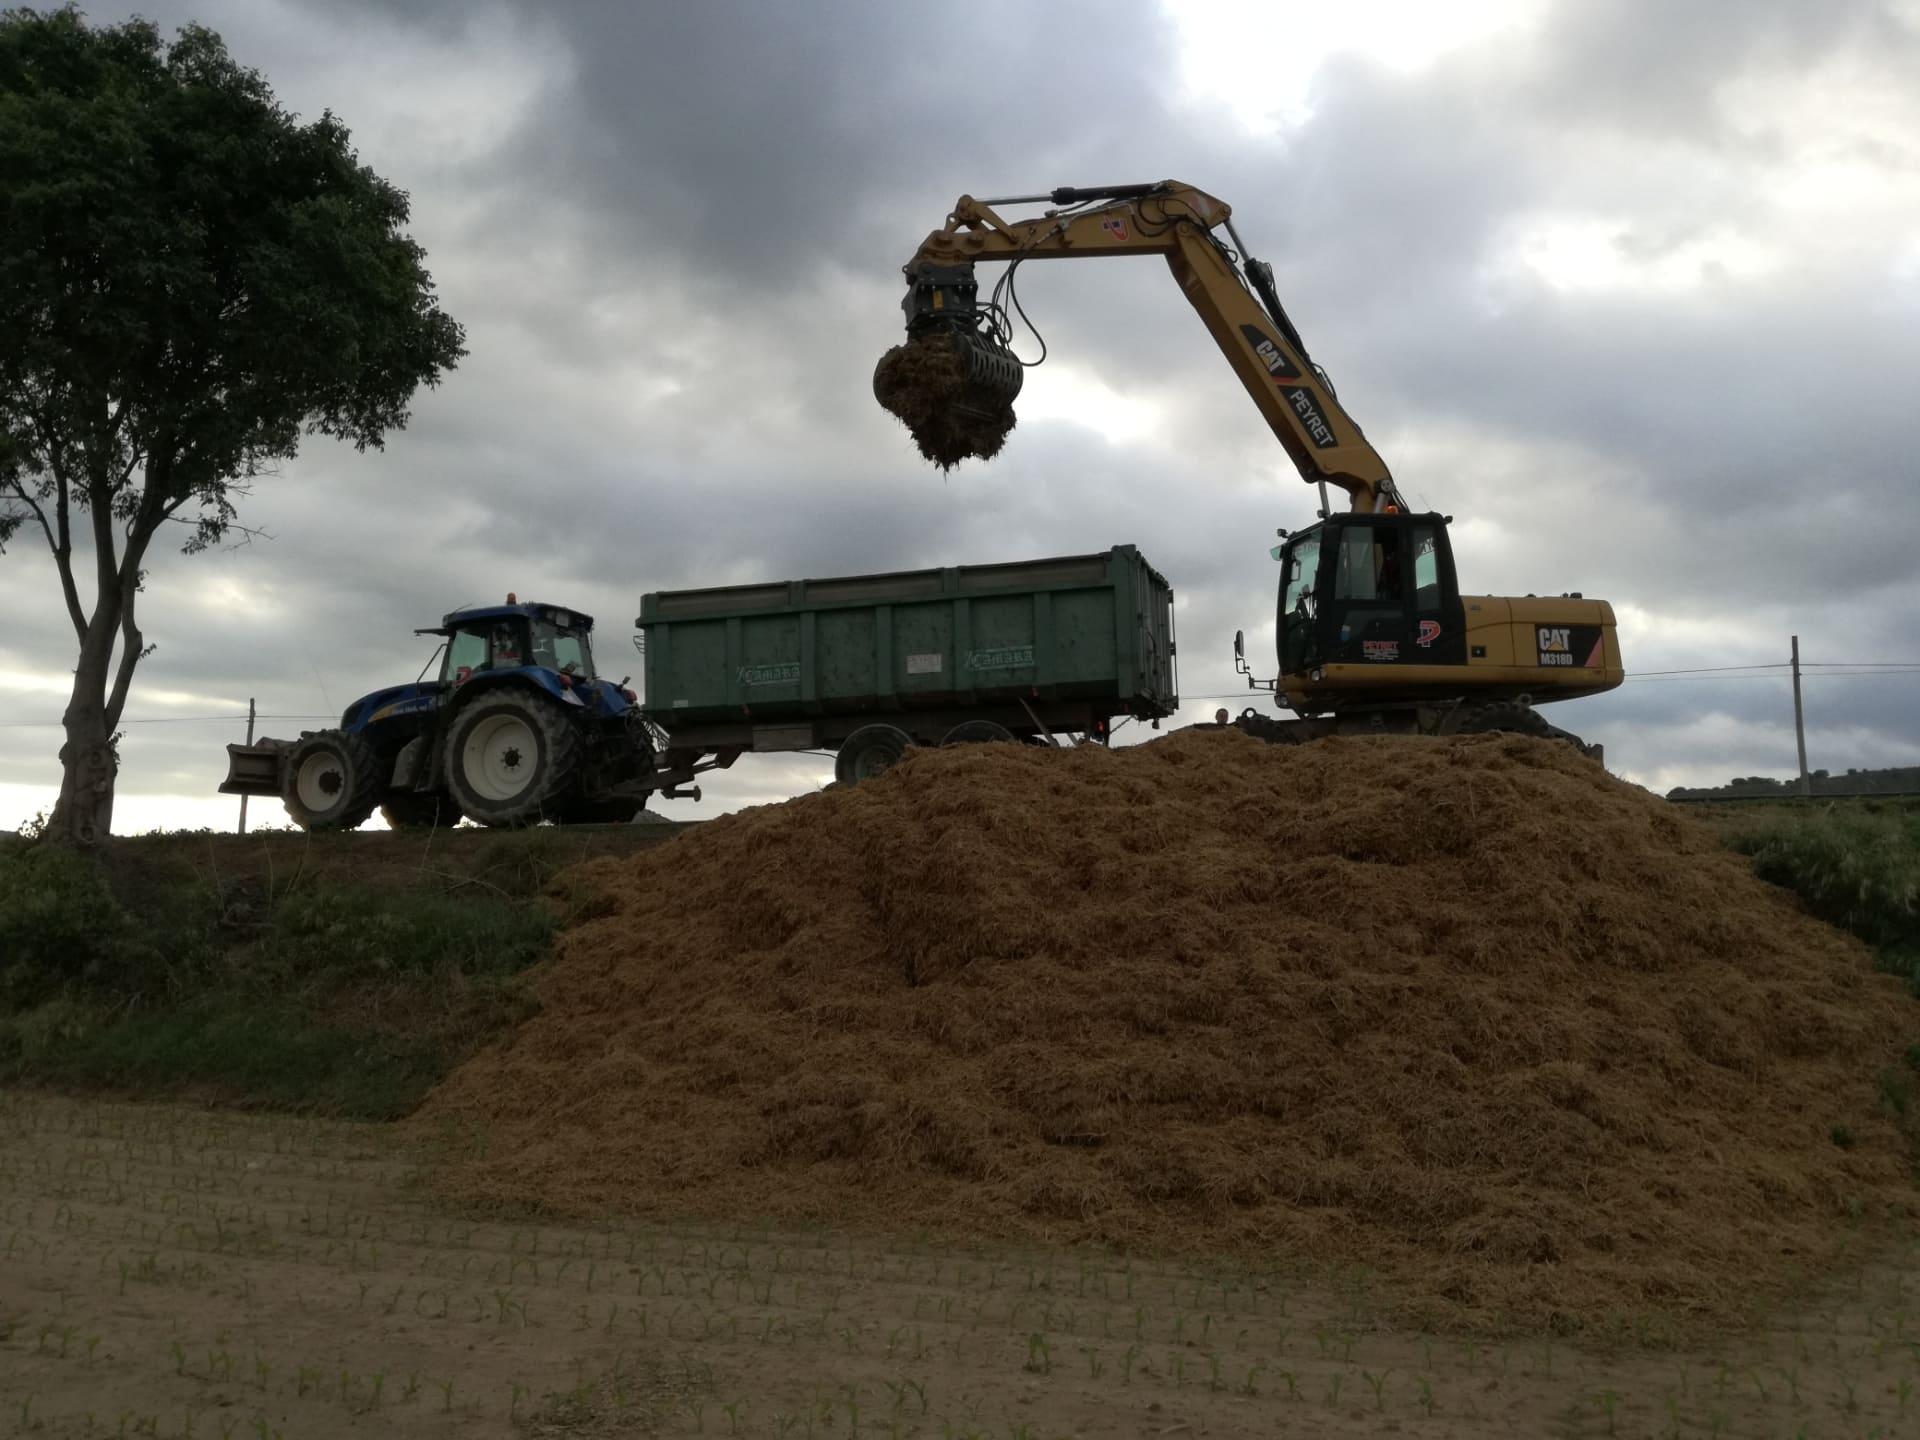 trabajo-especial-camion-volcado-peyret